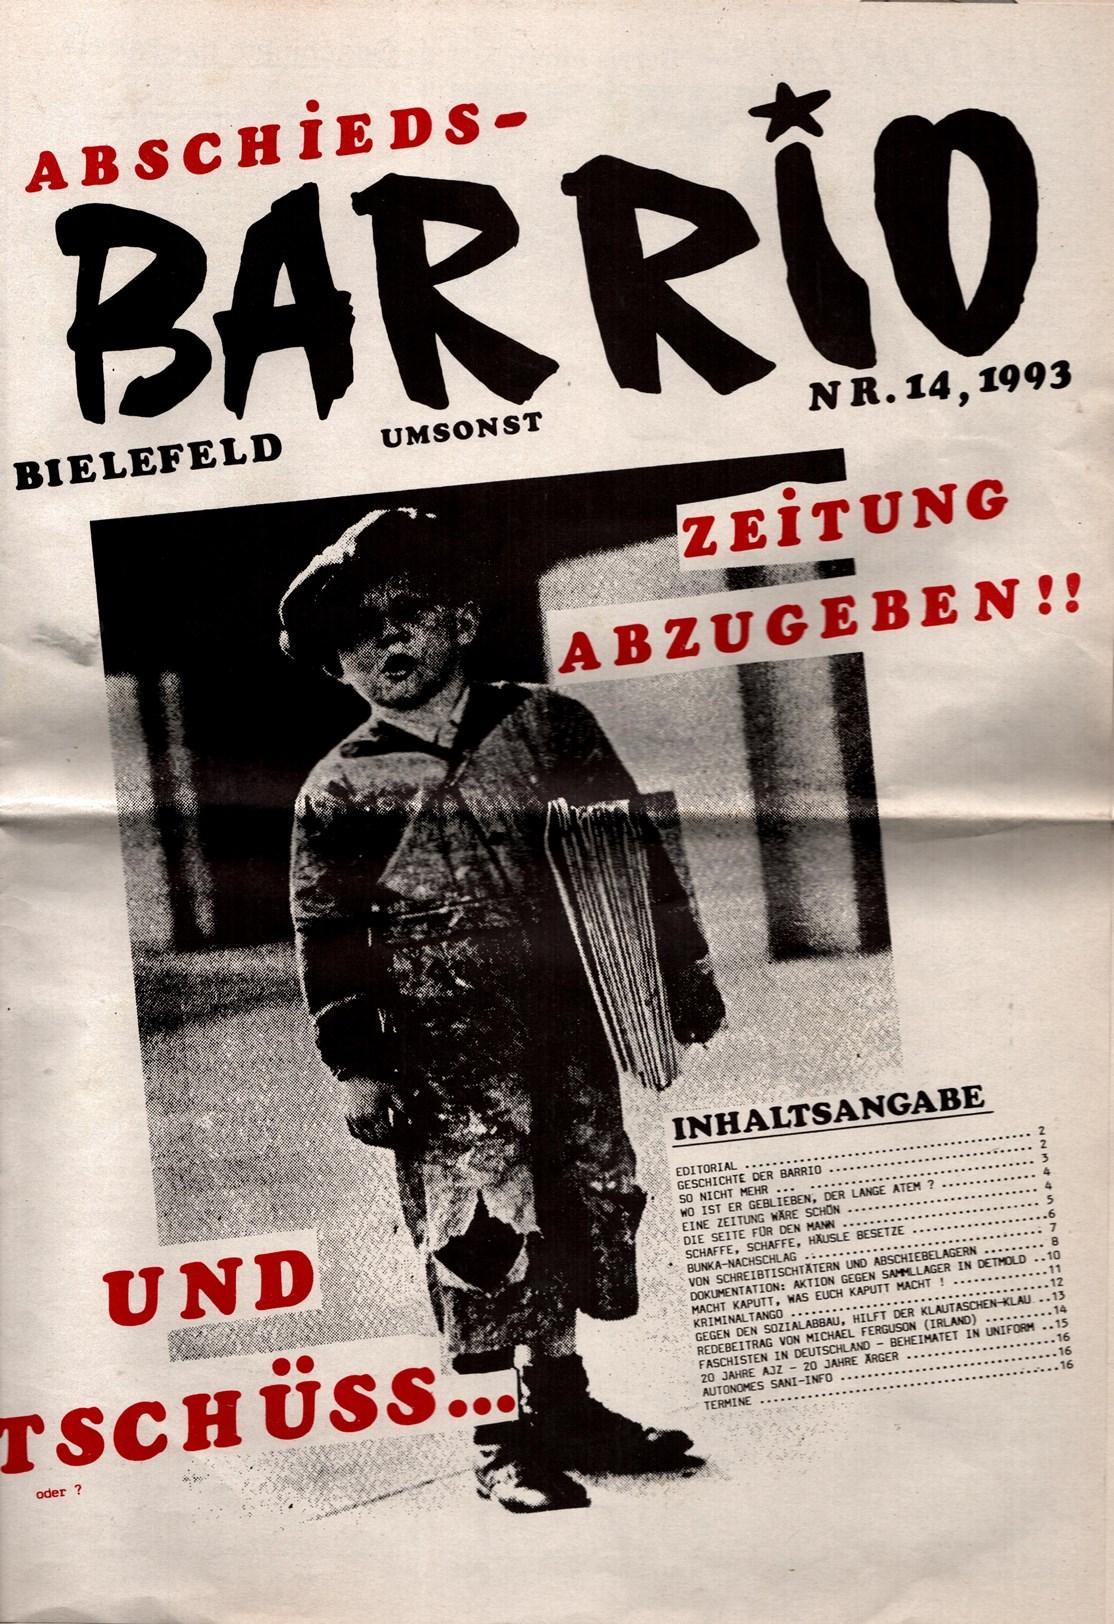 Bielefeld_Barrio_19930500_14_001